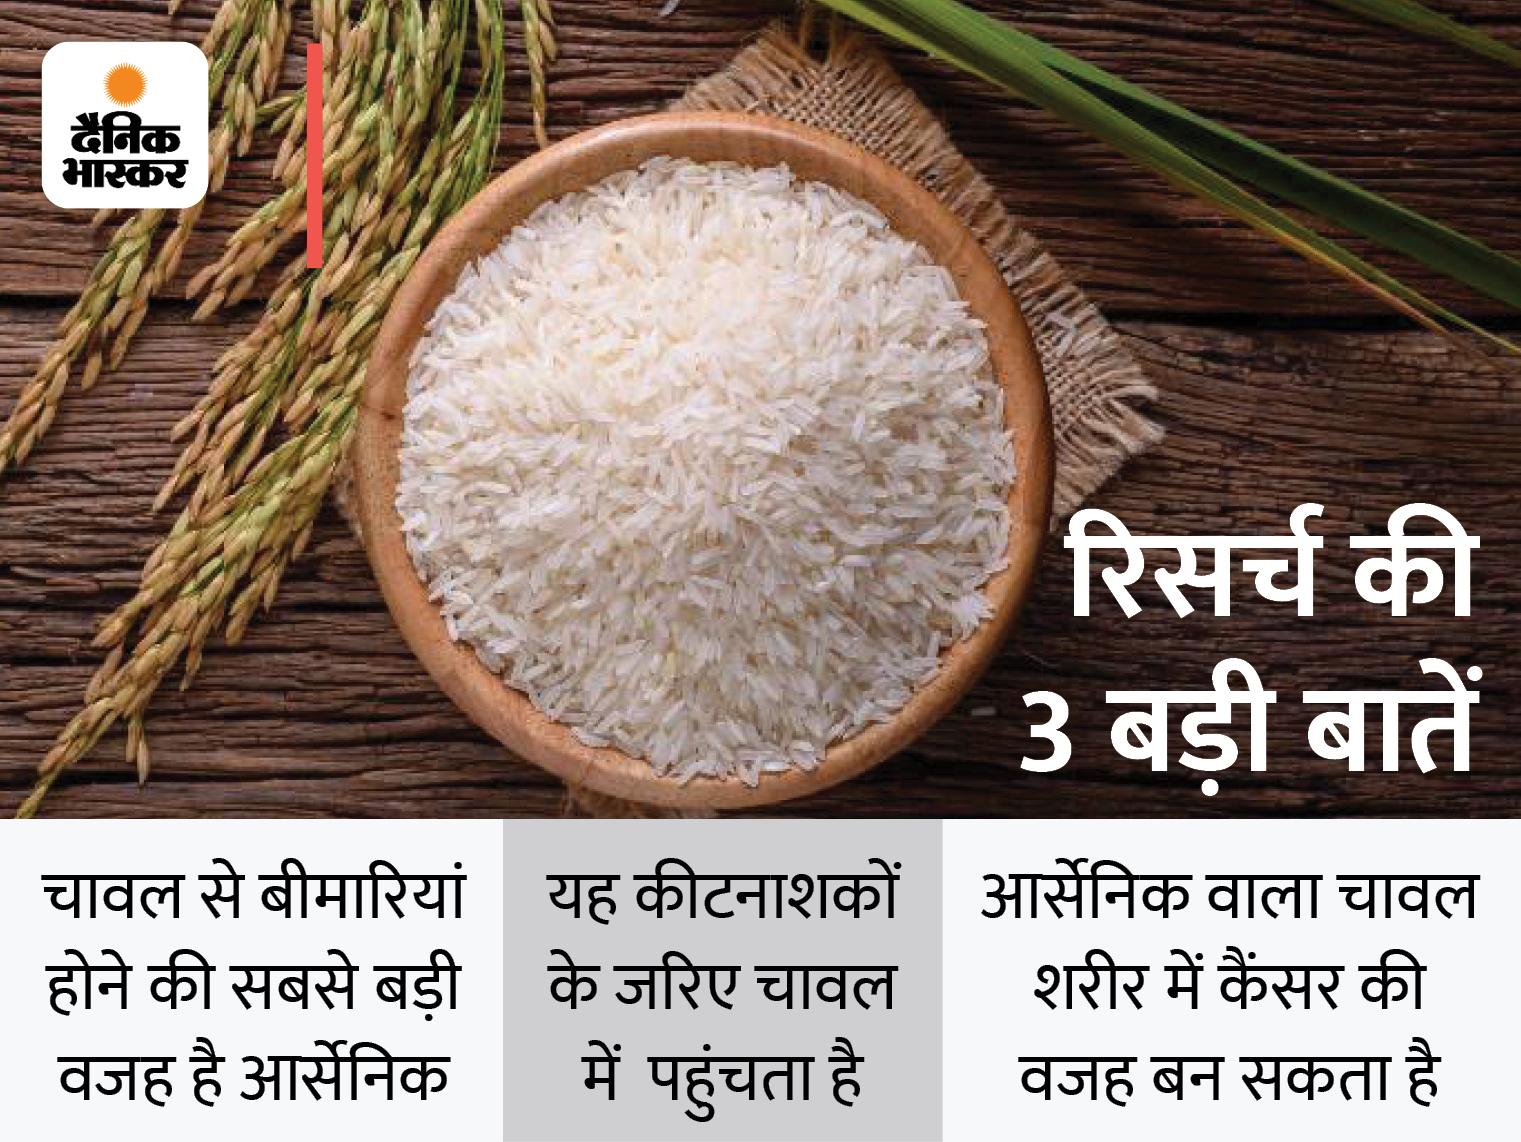 हड़बड़ी में बनाए गए चावल खाने से हो सकता है कैंसर, इंग्लैंड के वैज्ञानिकों की रिसर्च; जानिए कब और कैसे बढ़ता है कैंसर का खतरा|लाइफ & साइंस,Happy Life - Dainik Bhaskar